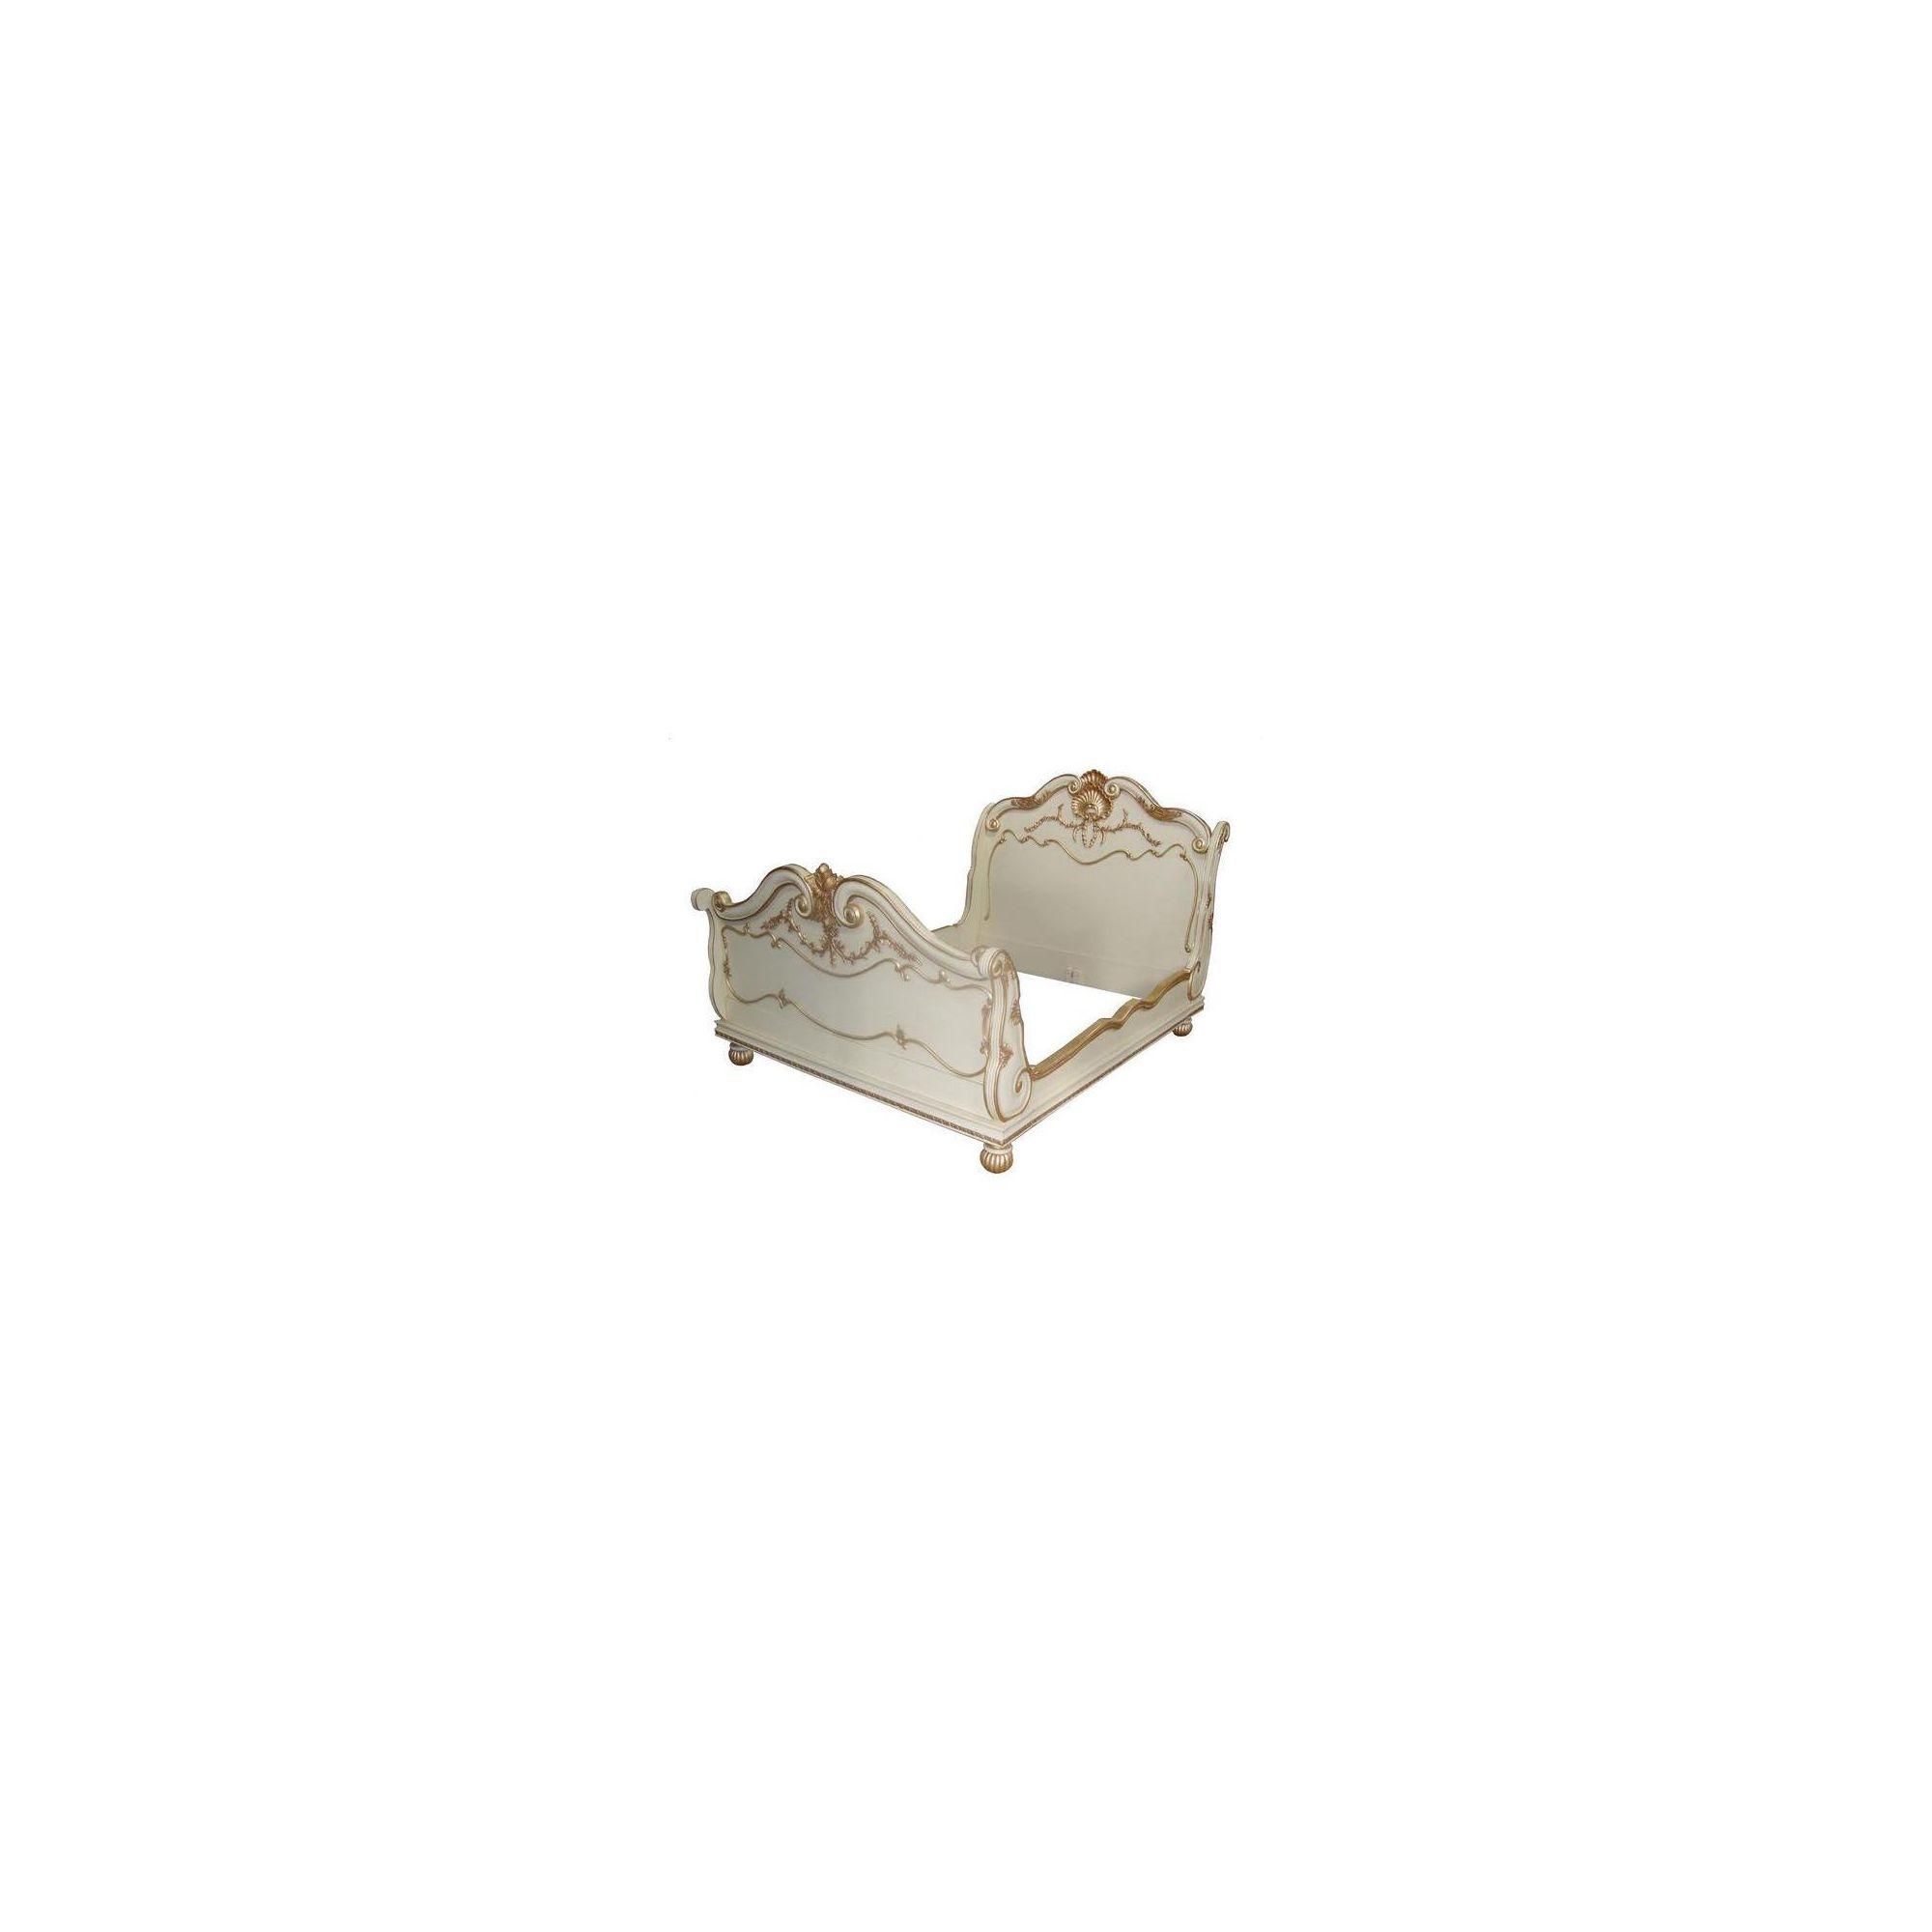 Lock stock and barrel Mahogany Shell Bed in Mahogany - Wax - Double at Tesco Direct